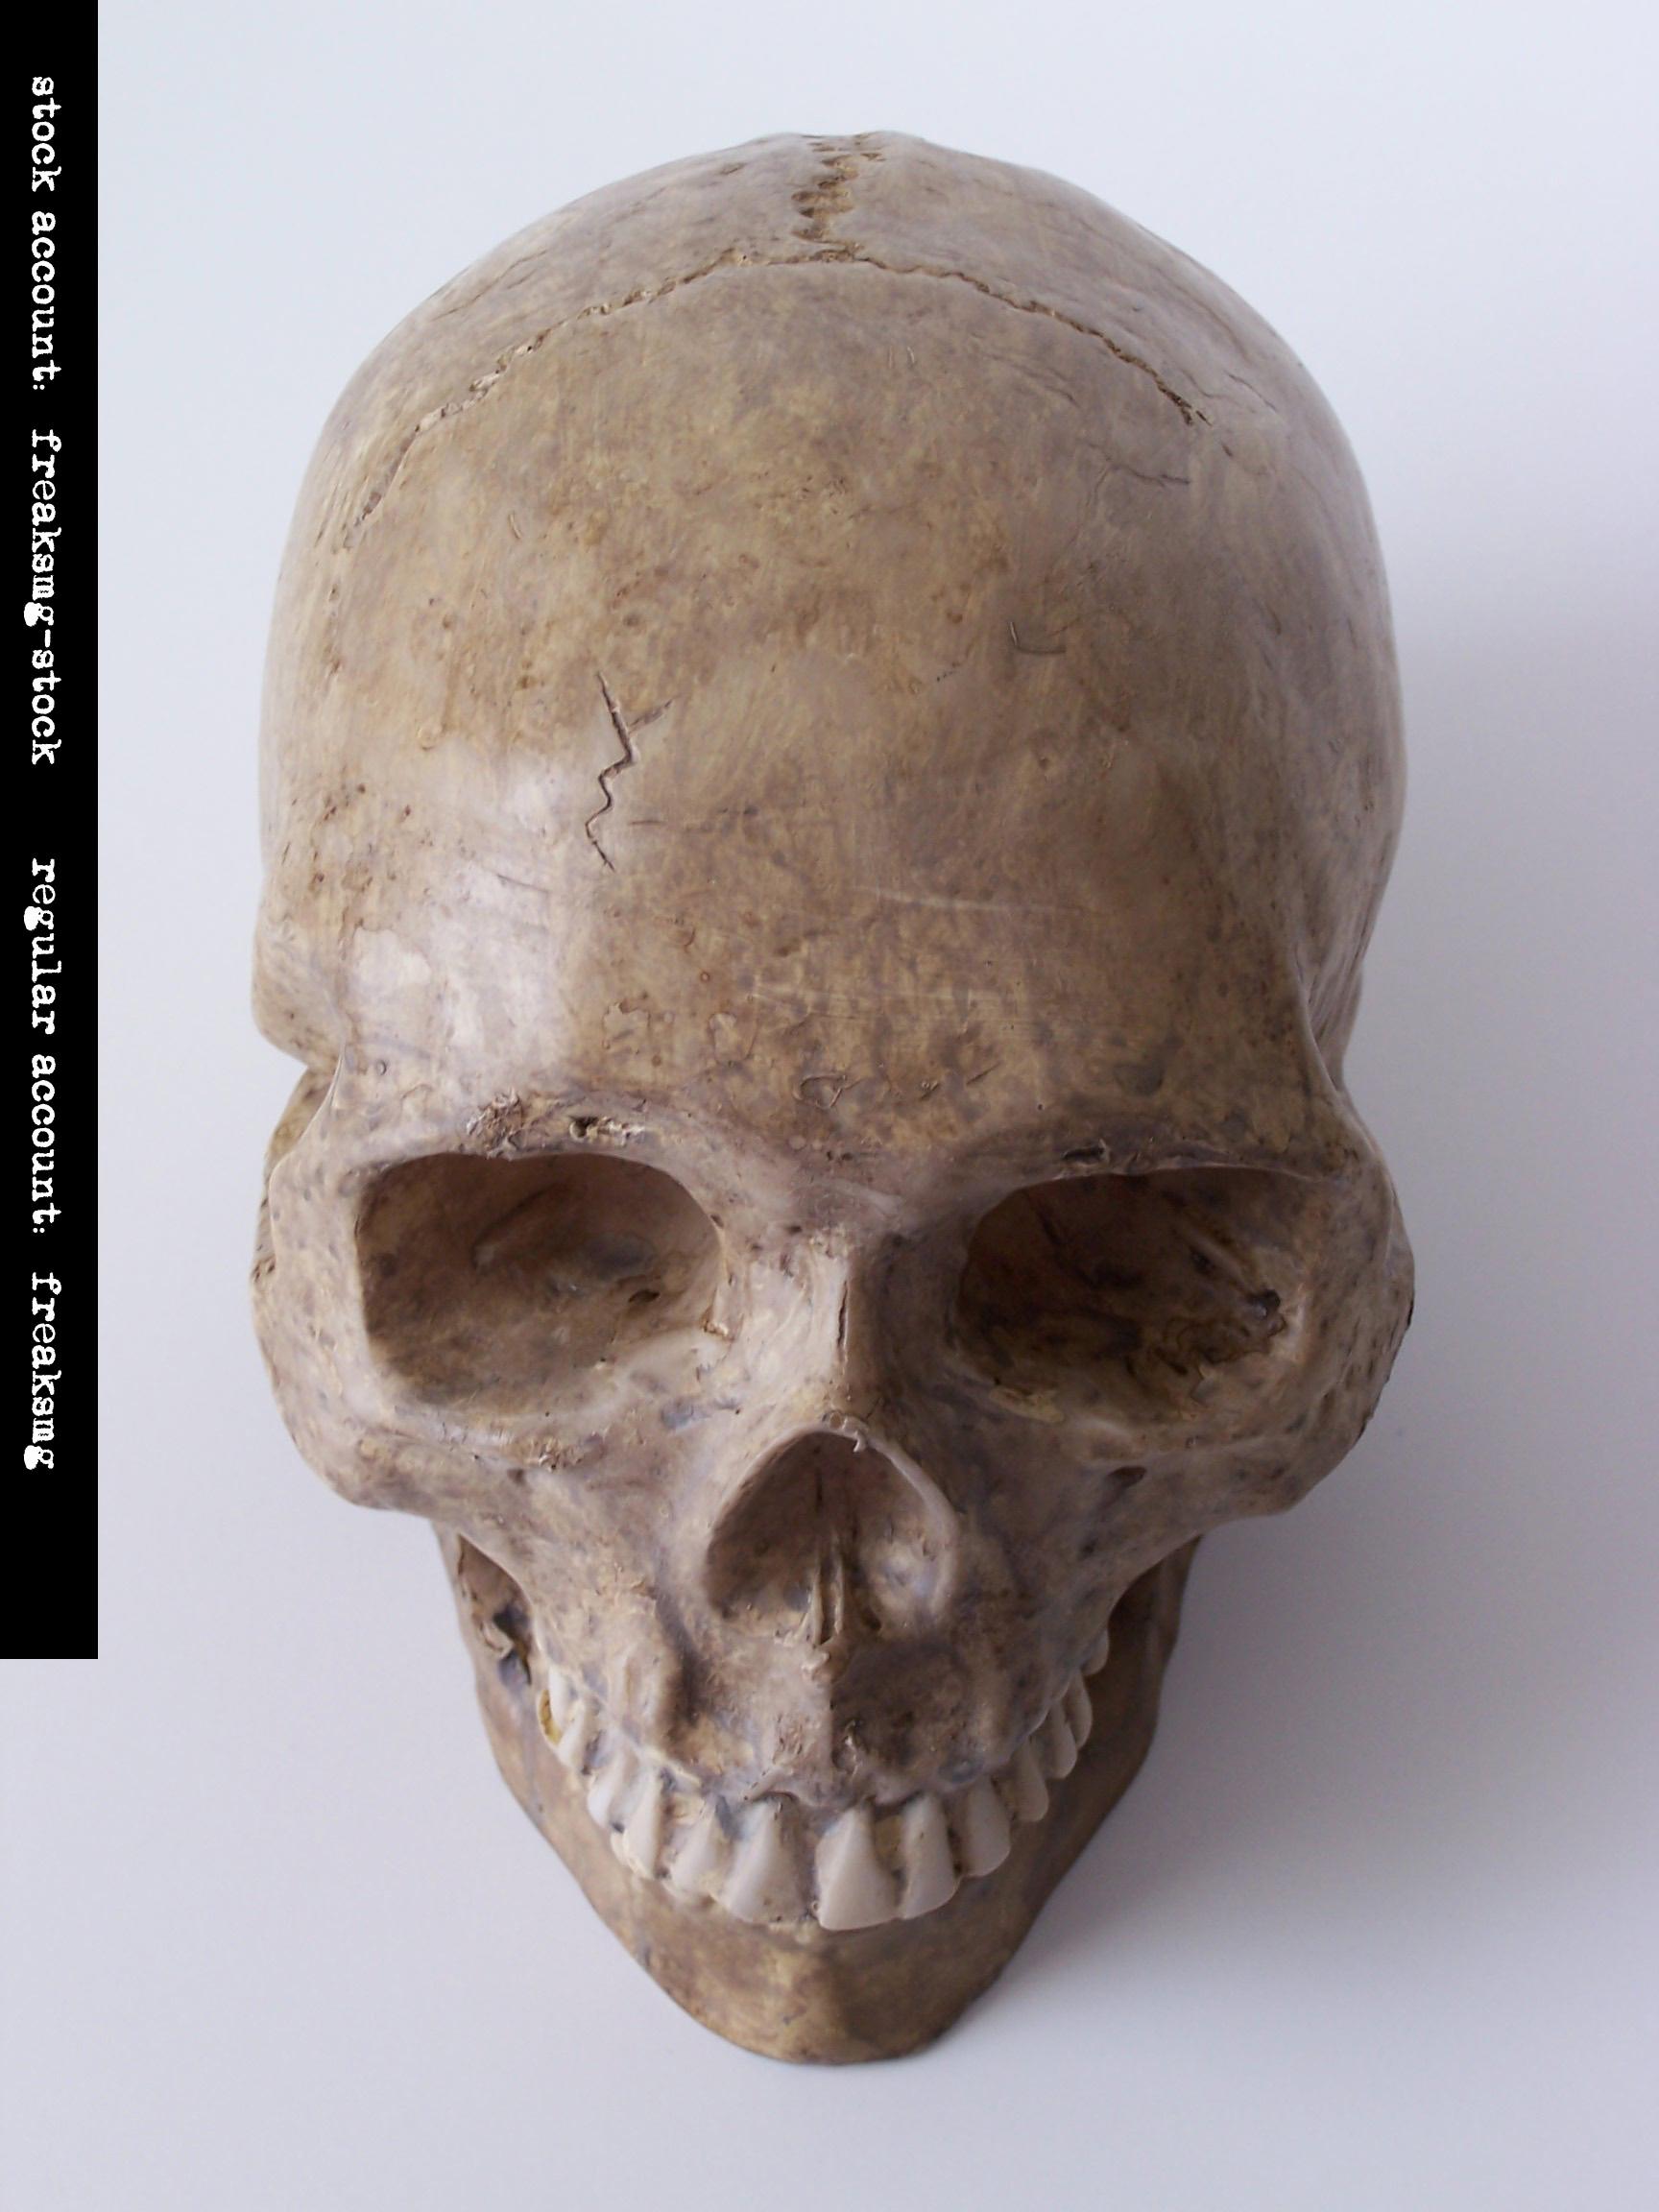 freaksmg-stock - new skull 4